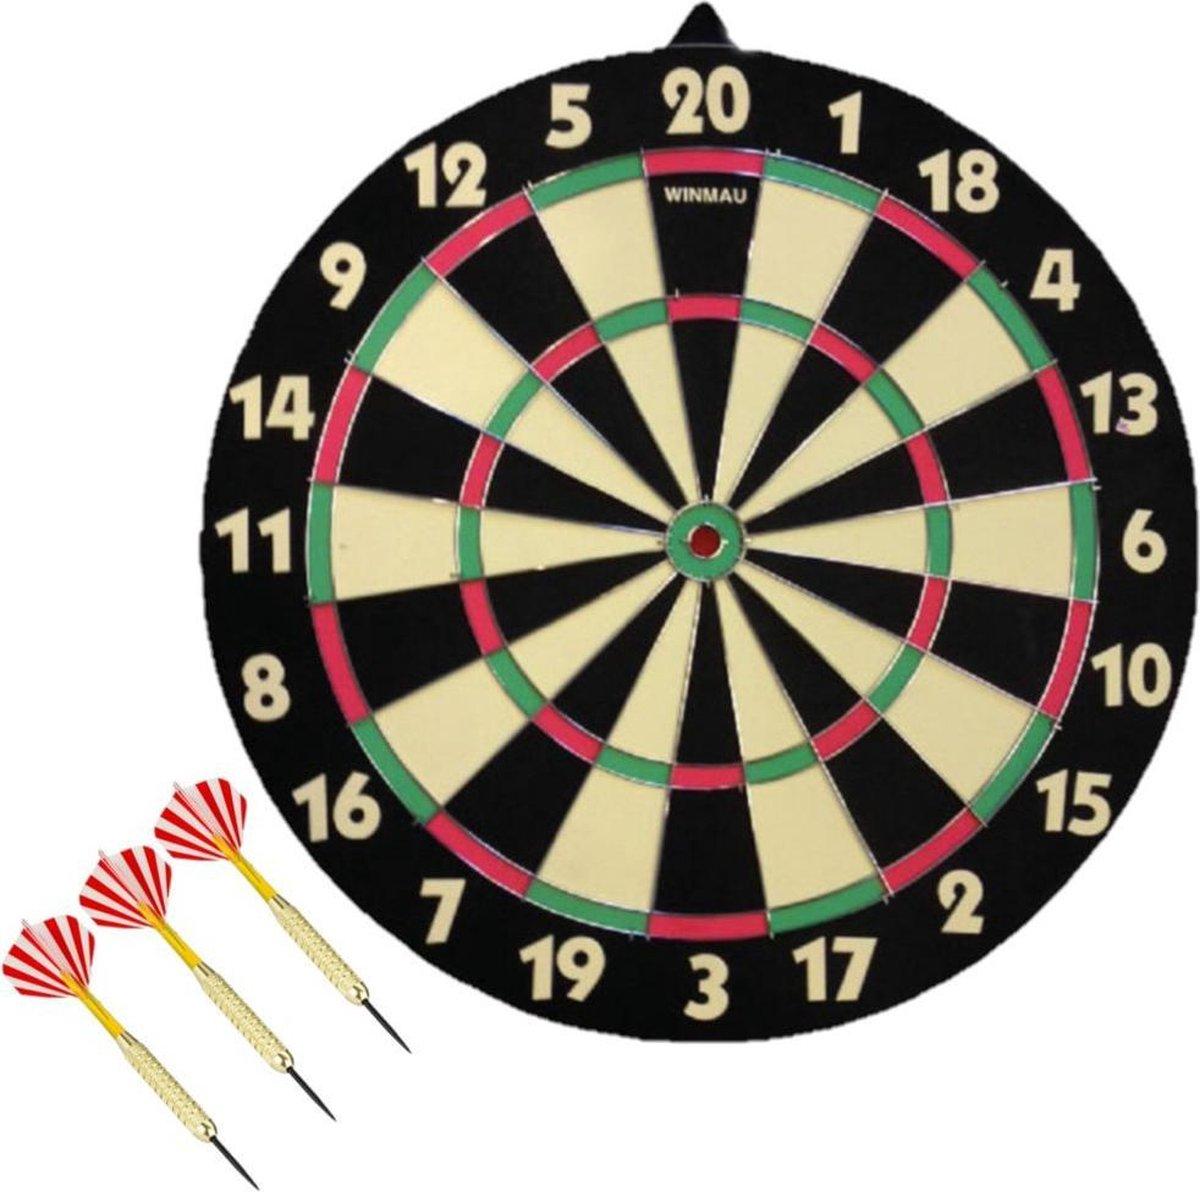 Dartbord dubbelzijdig 42 cm voor kinderen met 3x dartpijltjes van 20 gram - Dubbelzijdig, achterkant is schietschijf